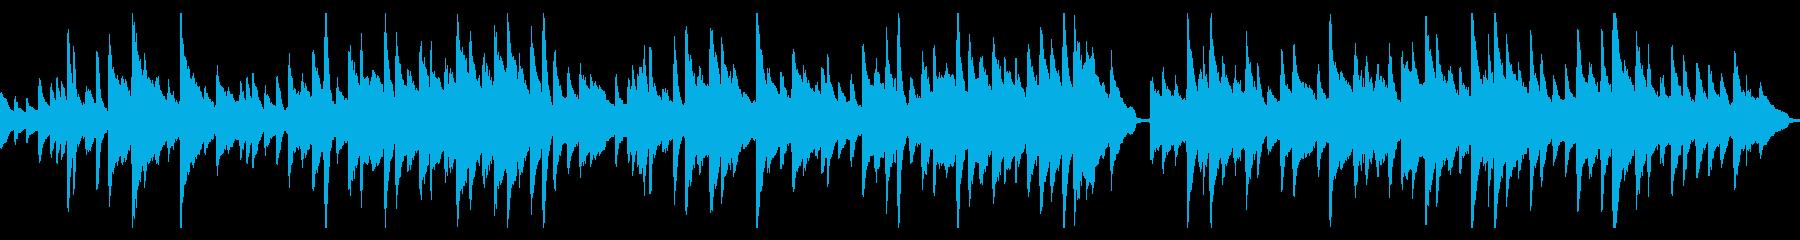 ほのぼのしたピアノのワルツ(ループ仕様)の再生済みの波形